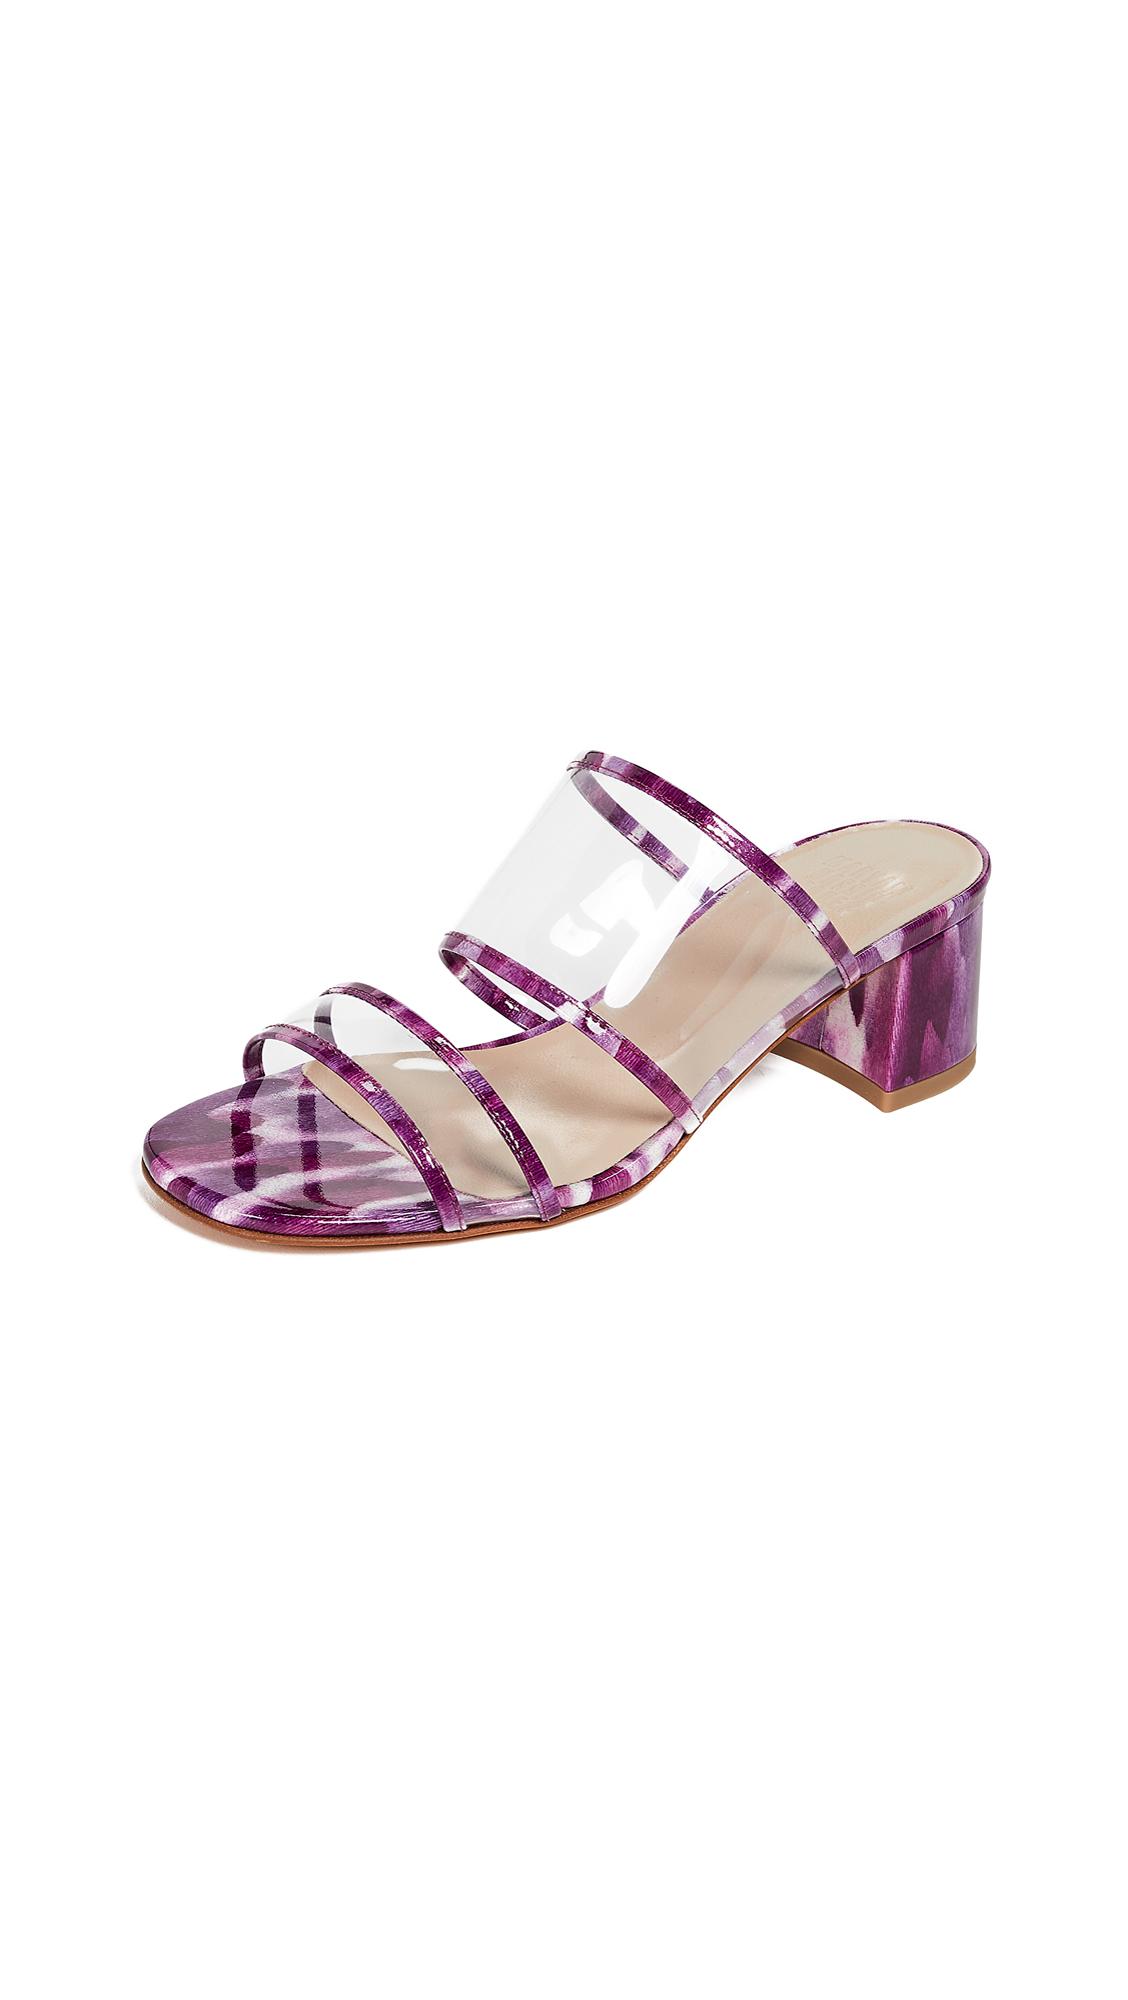 Maryam Nassir Zadeh Martina Plastic Slides - Violet Marble